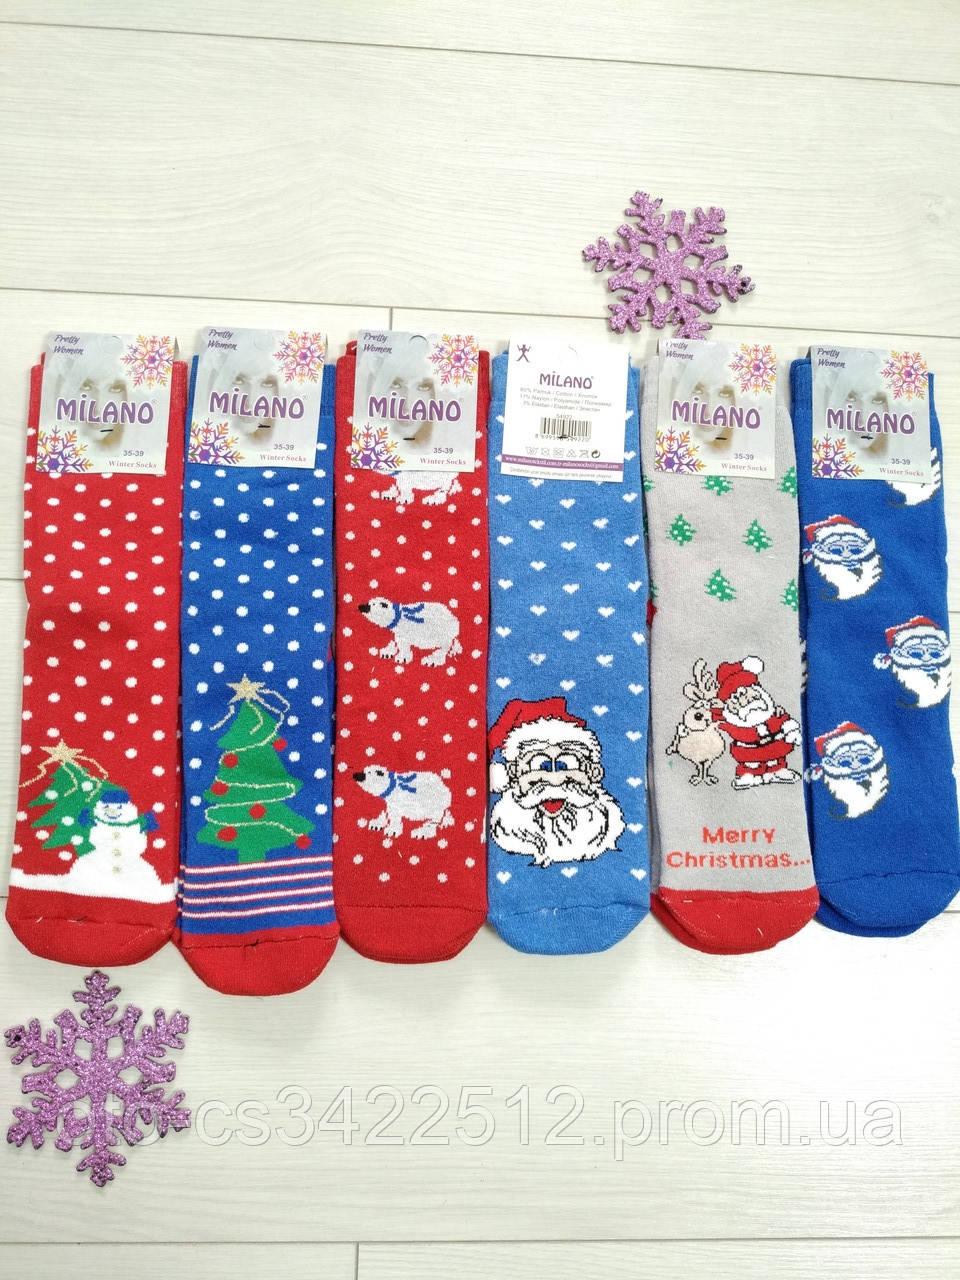 Шкарпетки новорічні Milano